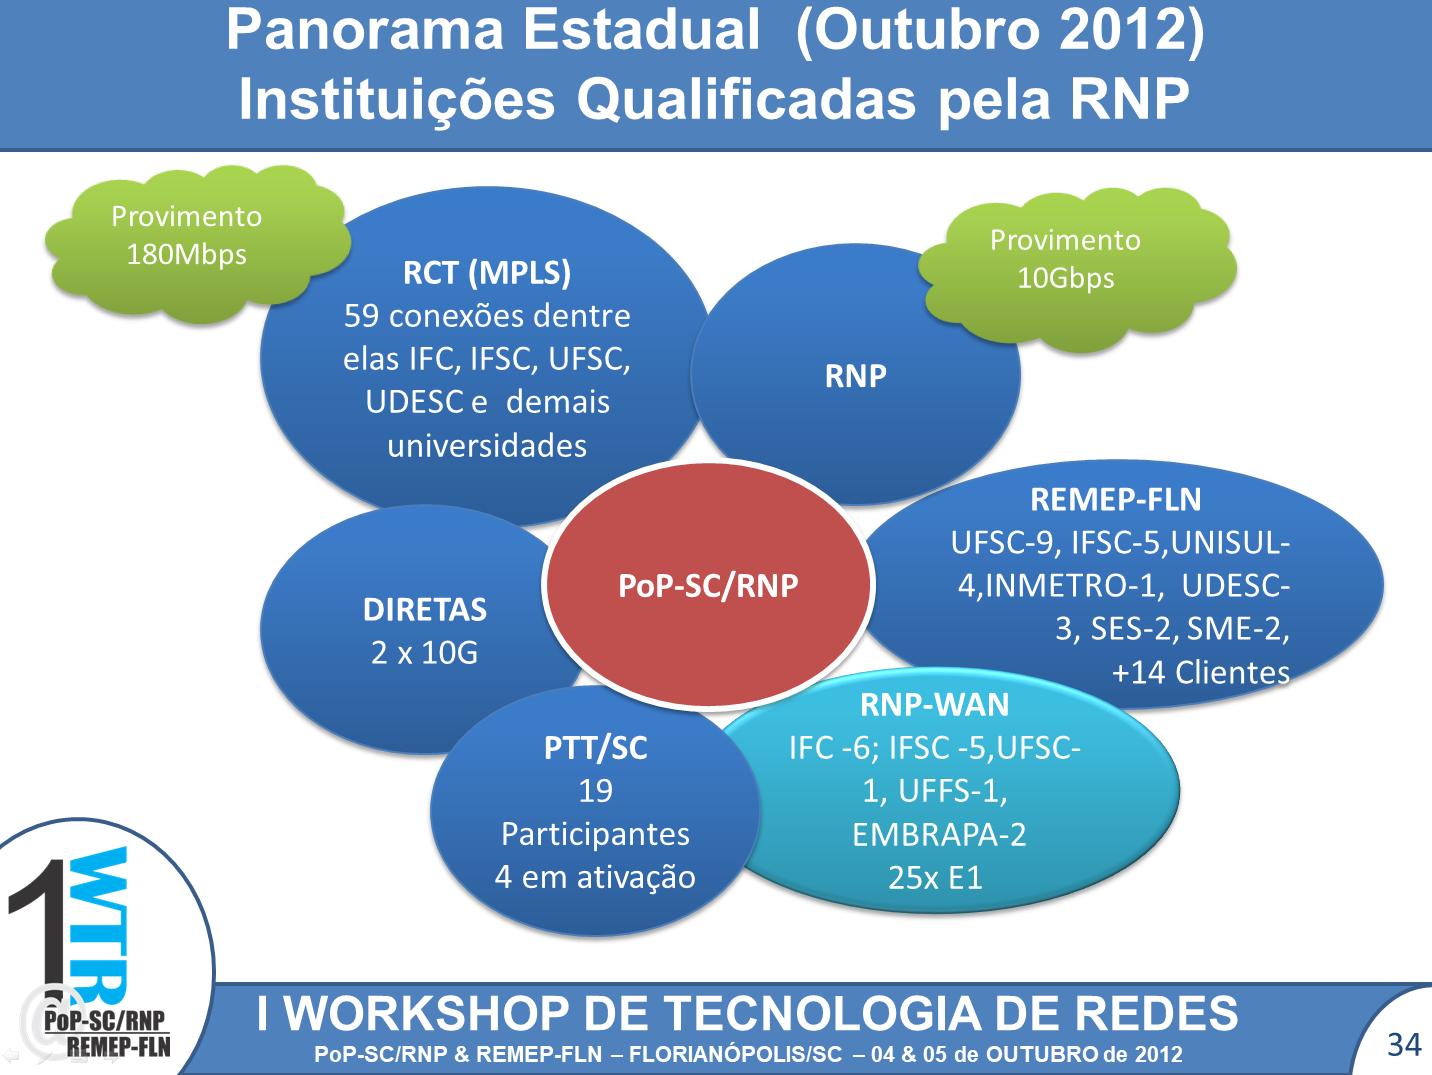 Diagrama apresentando a conectividade acadêmica em outubro de 2012, com destaque para o PoP-SC como integrador das iniciativas RNP, RCT, REMEP-FLN e PTT.